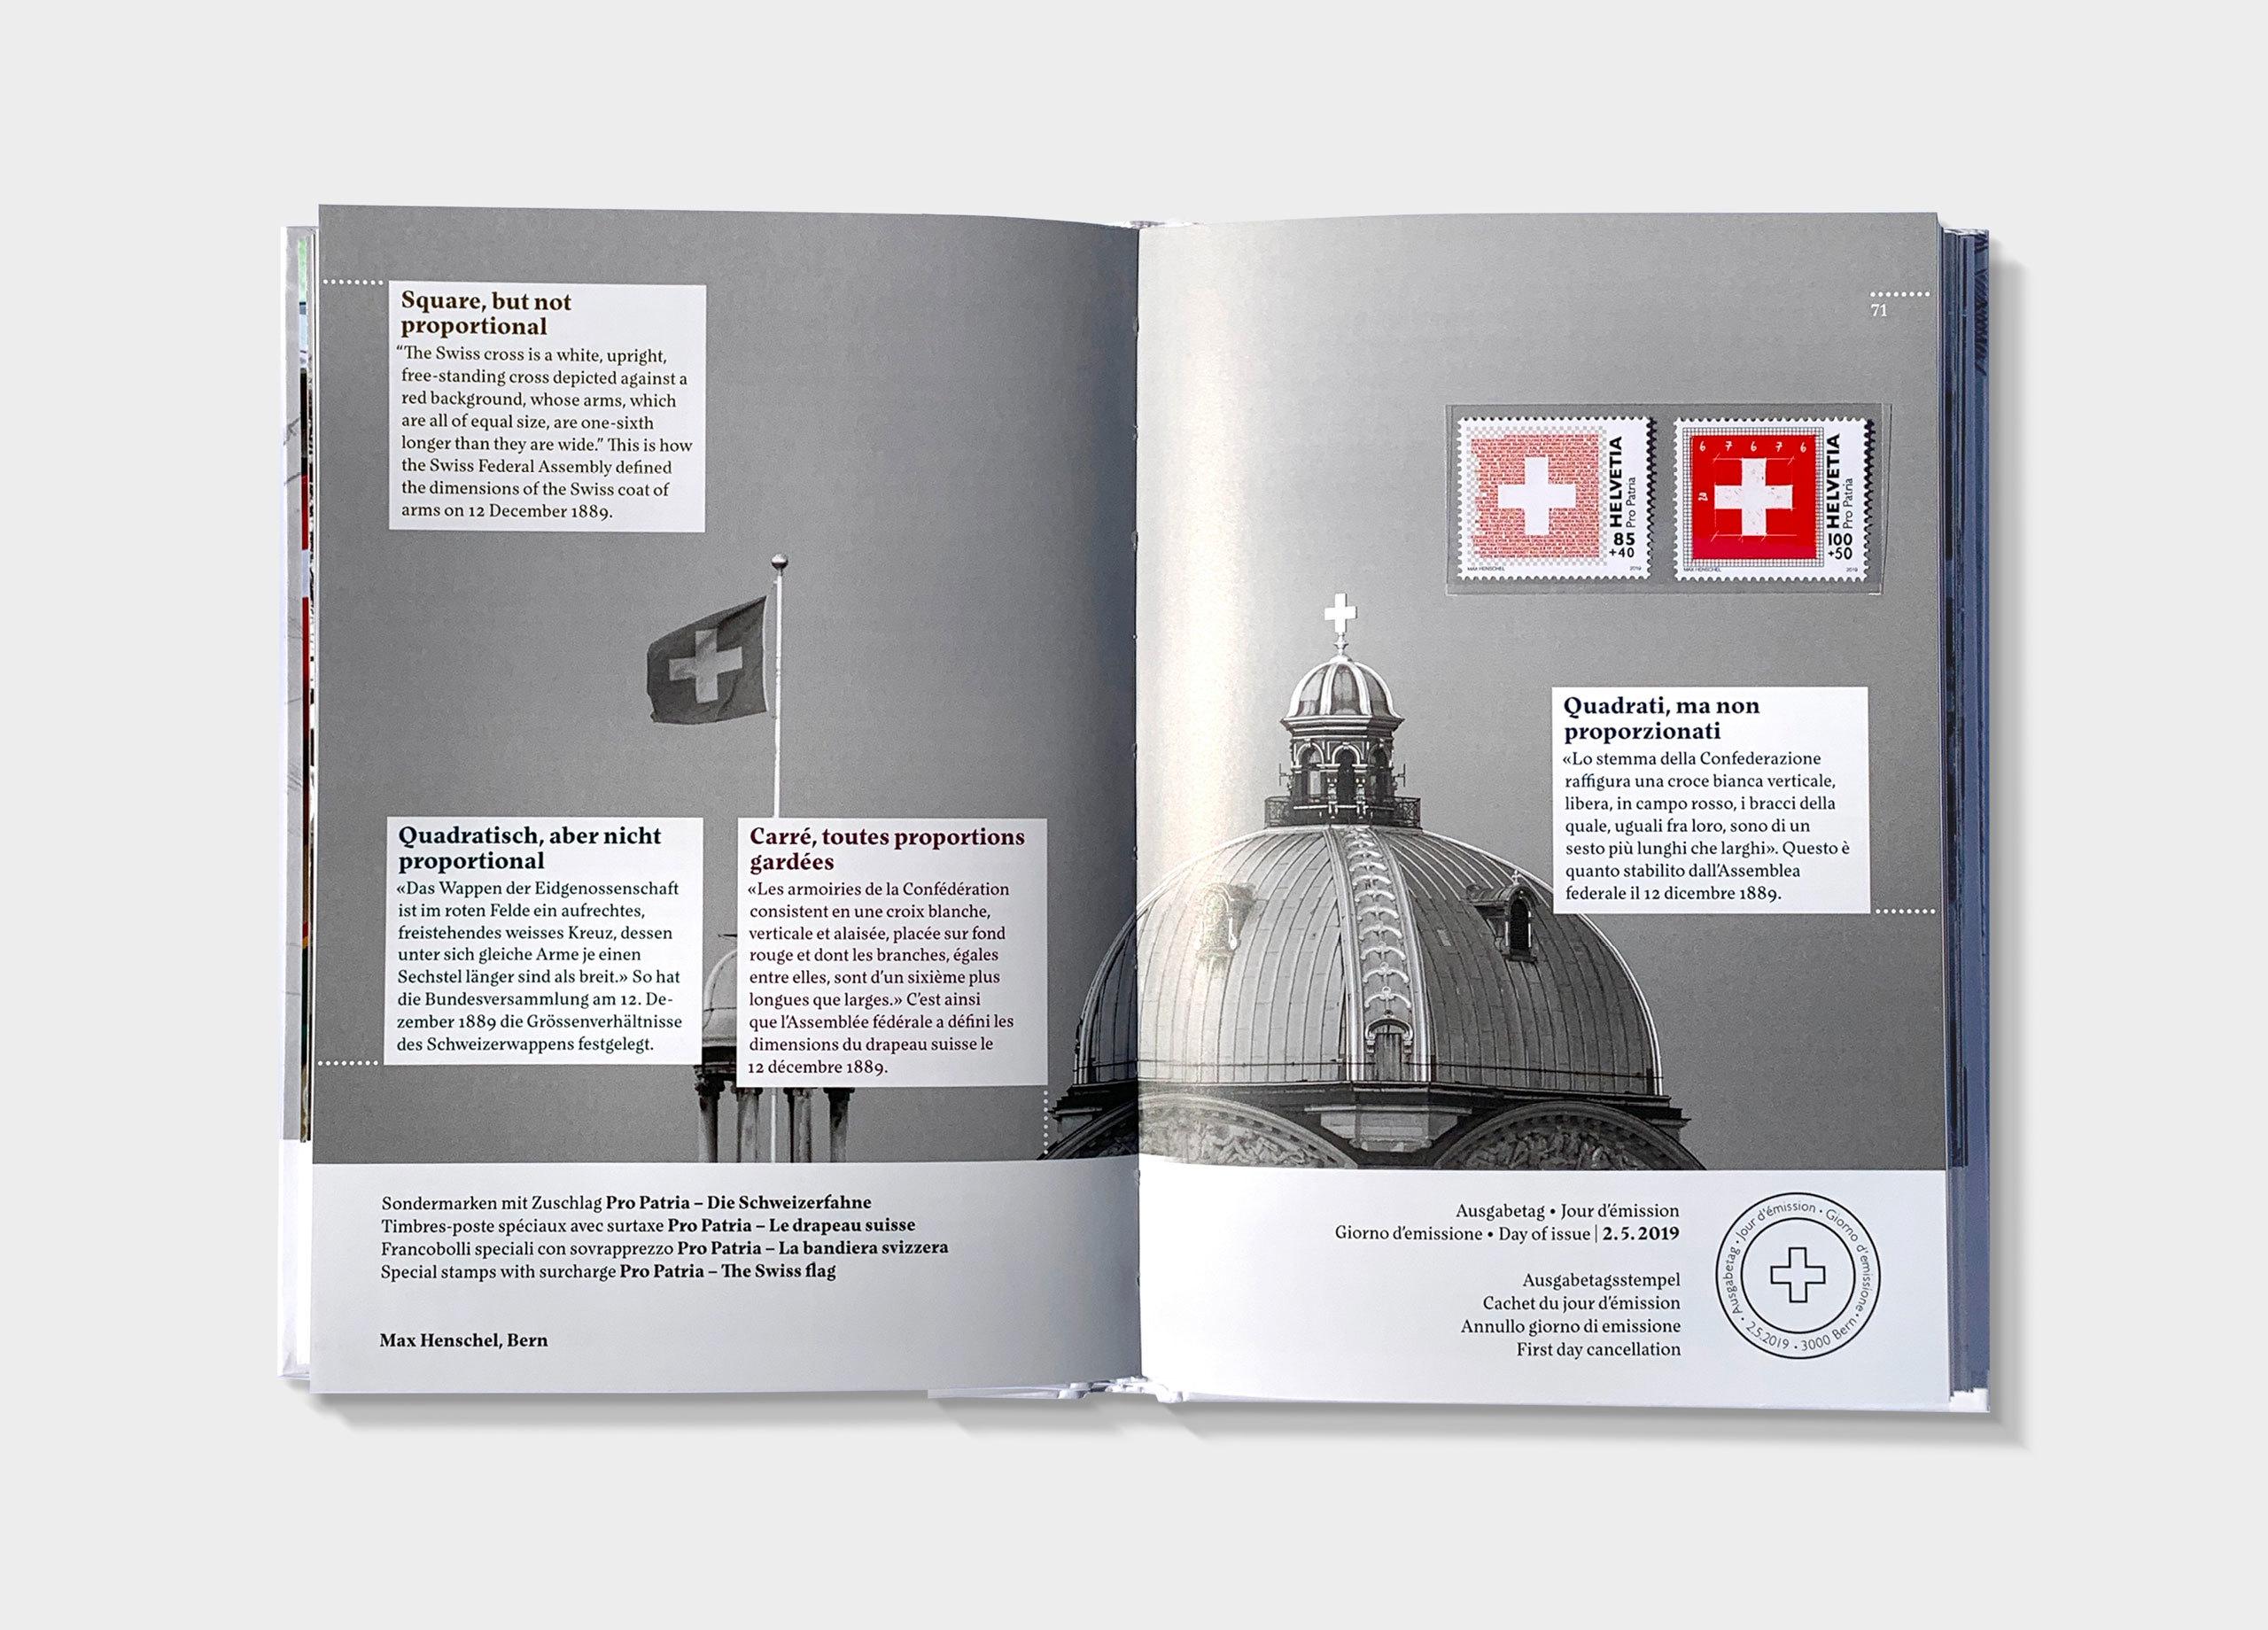 Schweizer Briefmarken 2019 03 MHG Bern